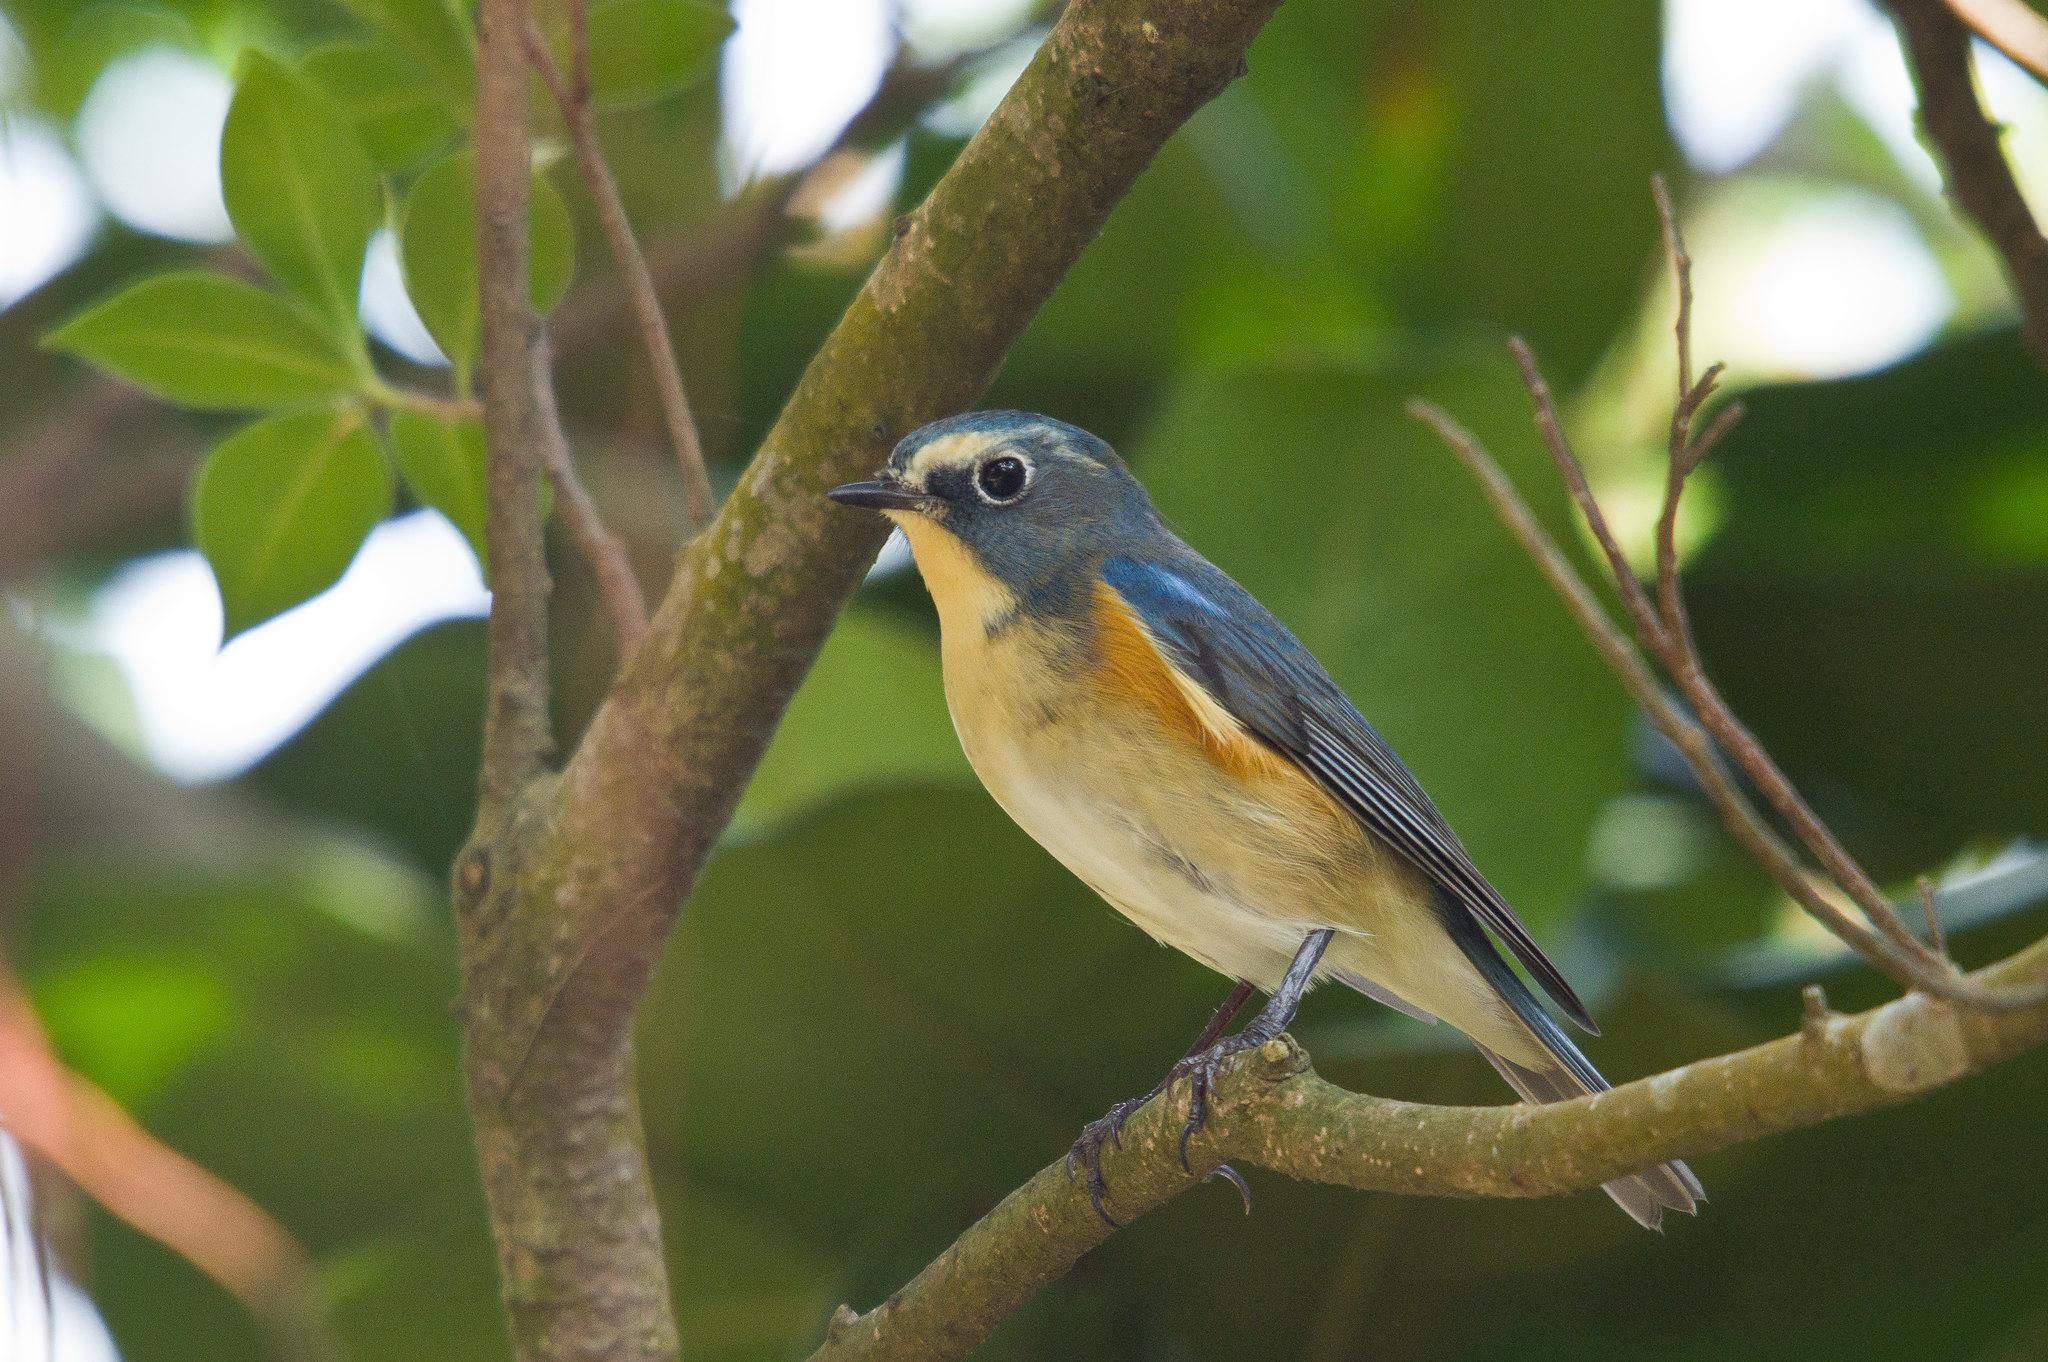 藍尾鴝綠樹版